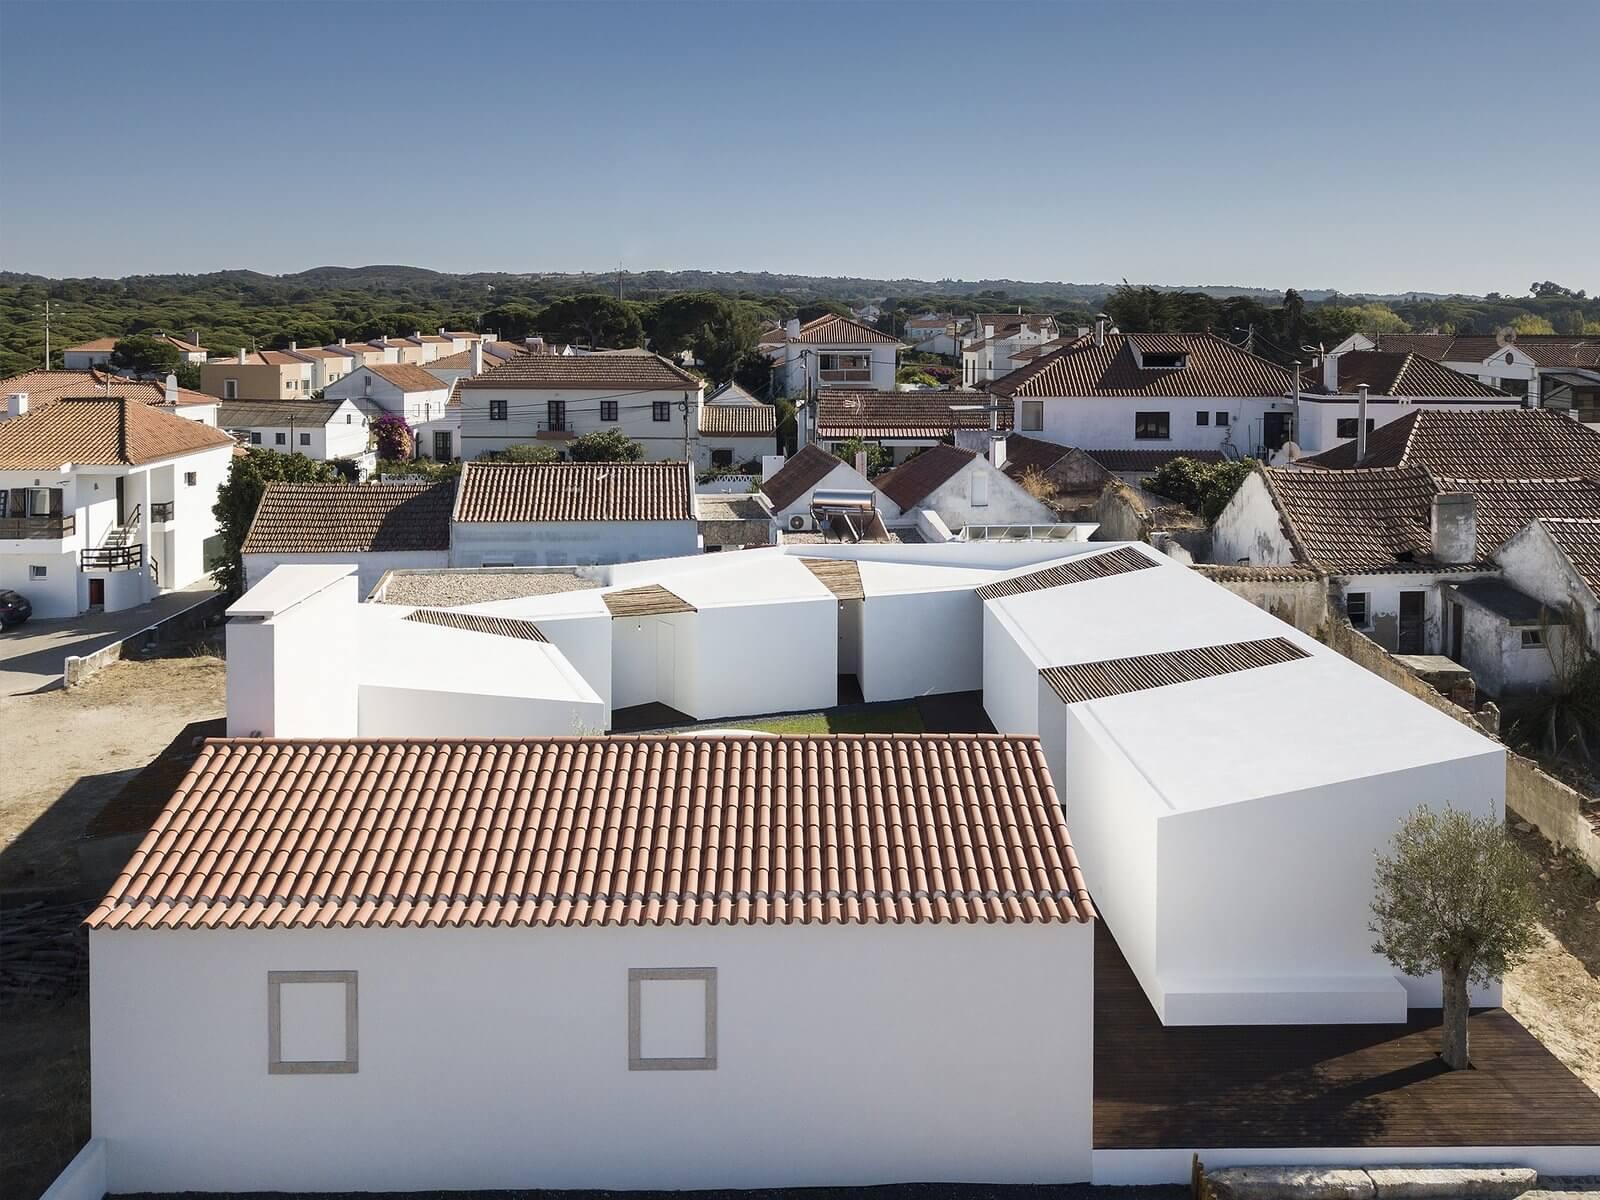 """Projeto de Fábio Ferreira Neves vencedor do """"Best Architects 20 award"""""""